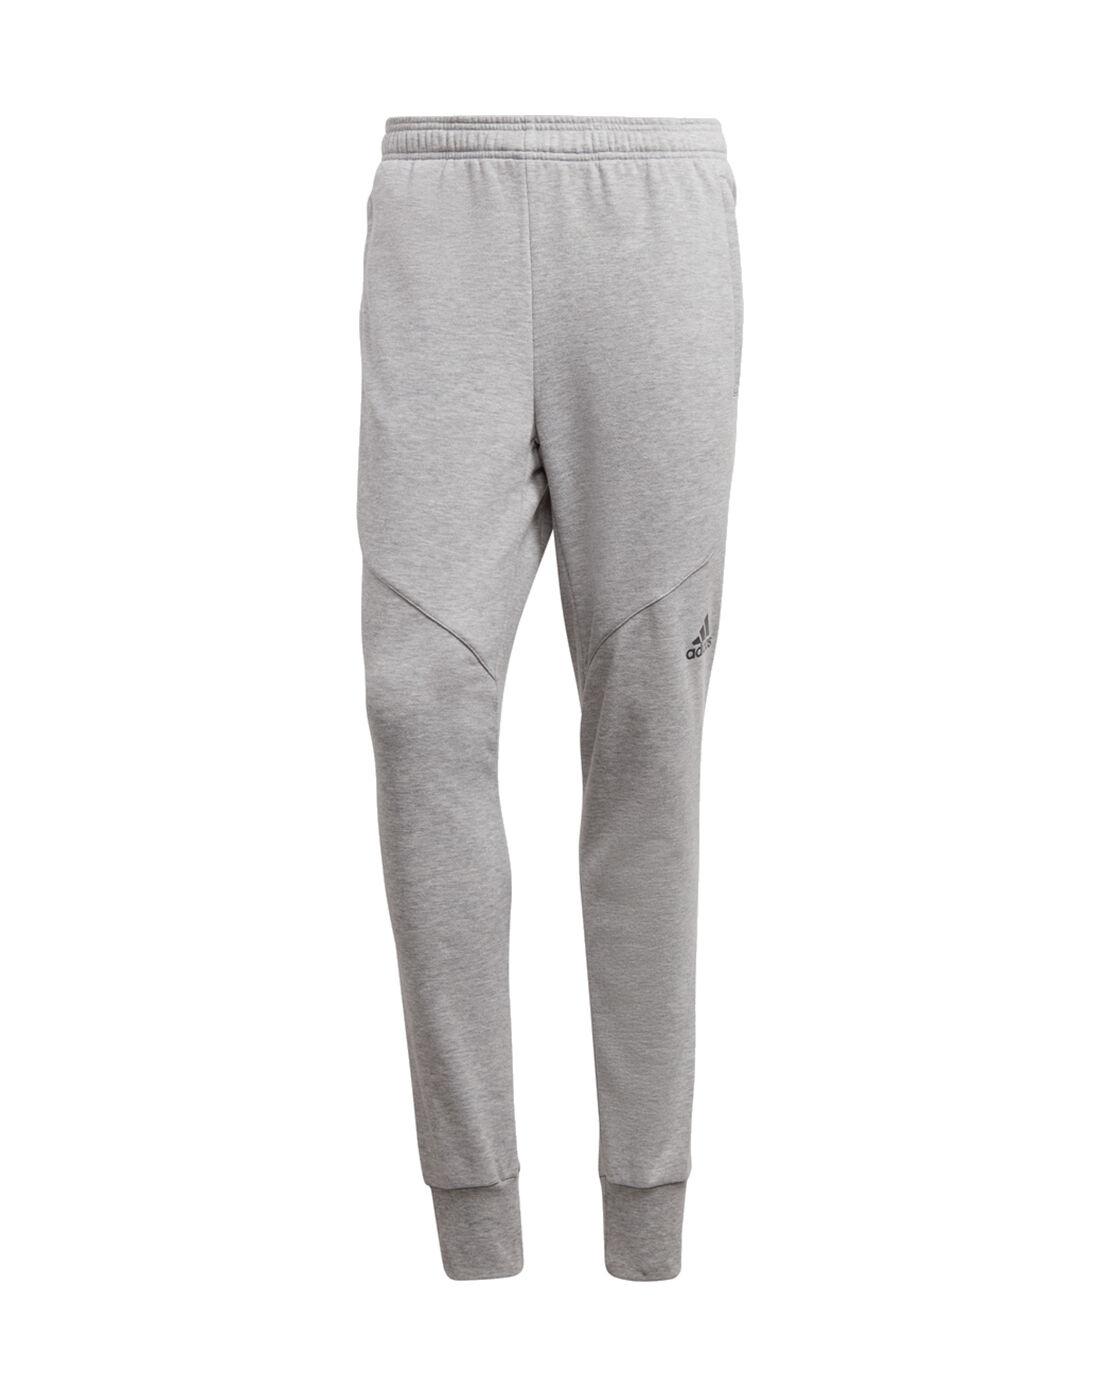 Prime Workout Pants